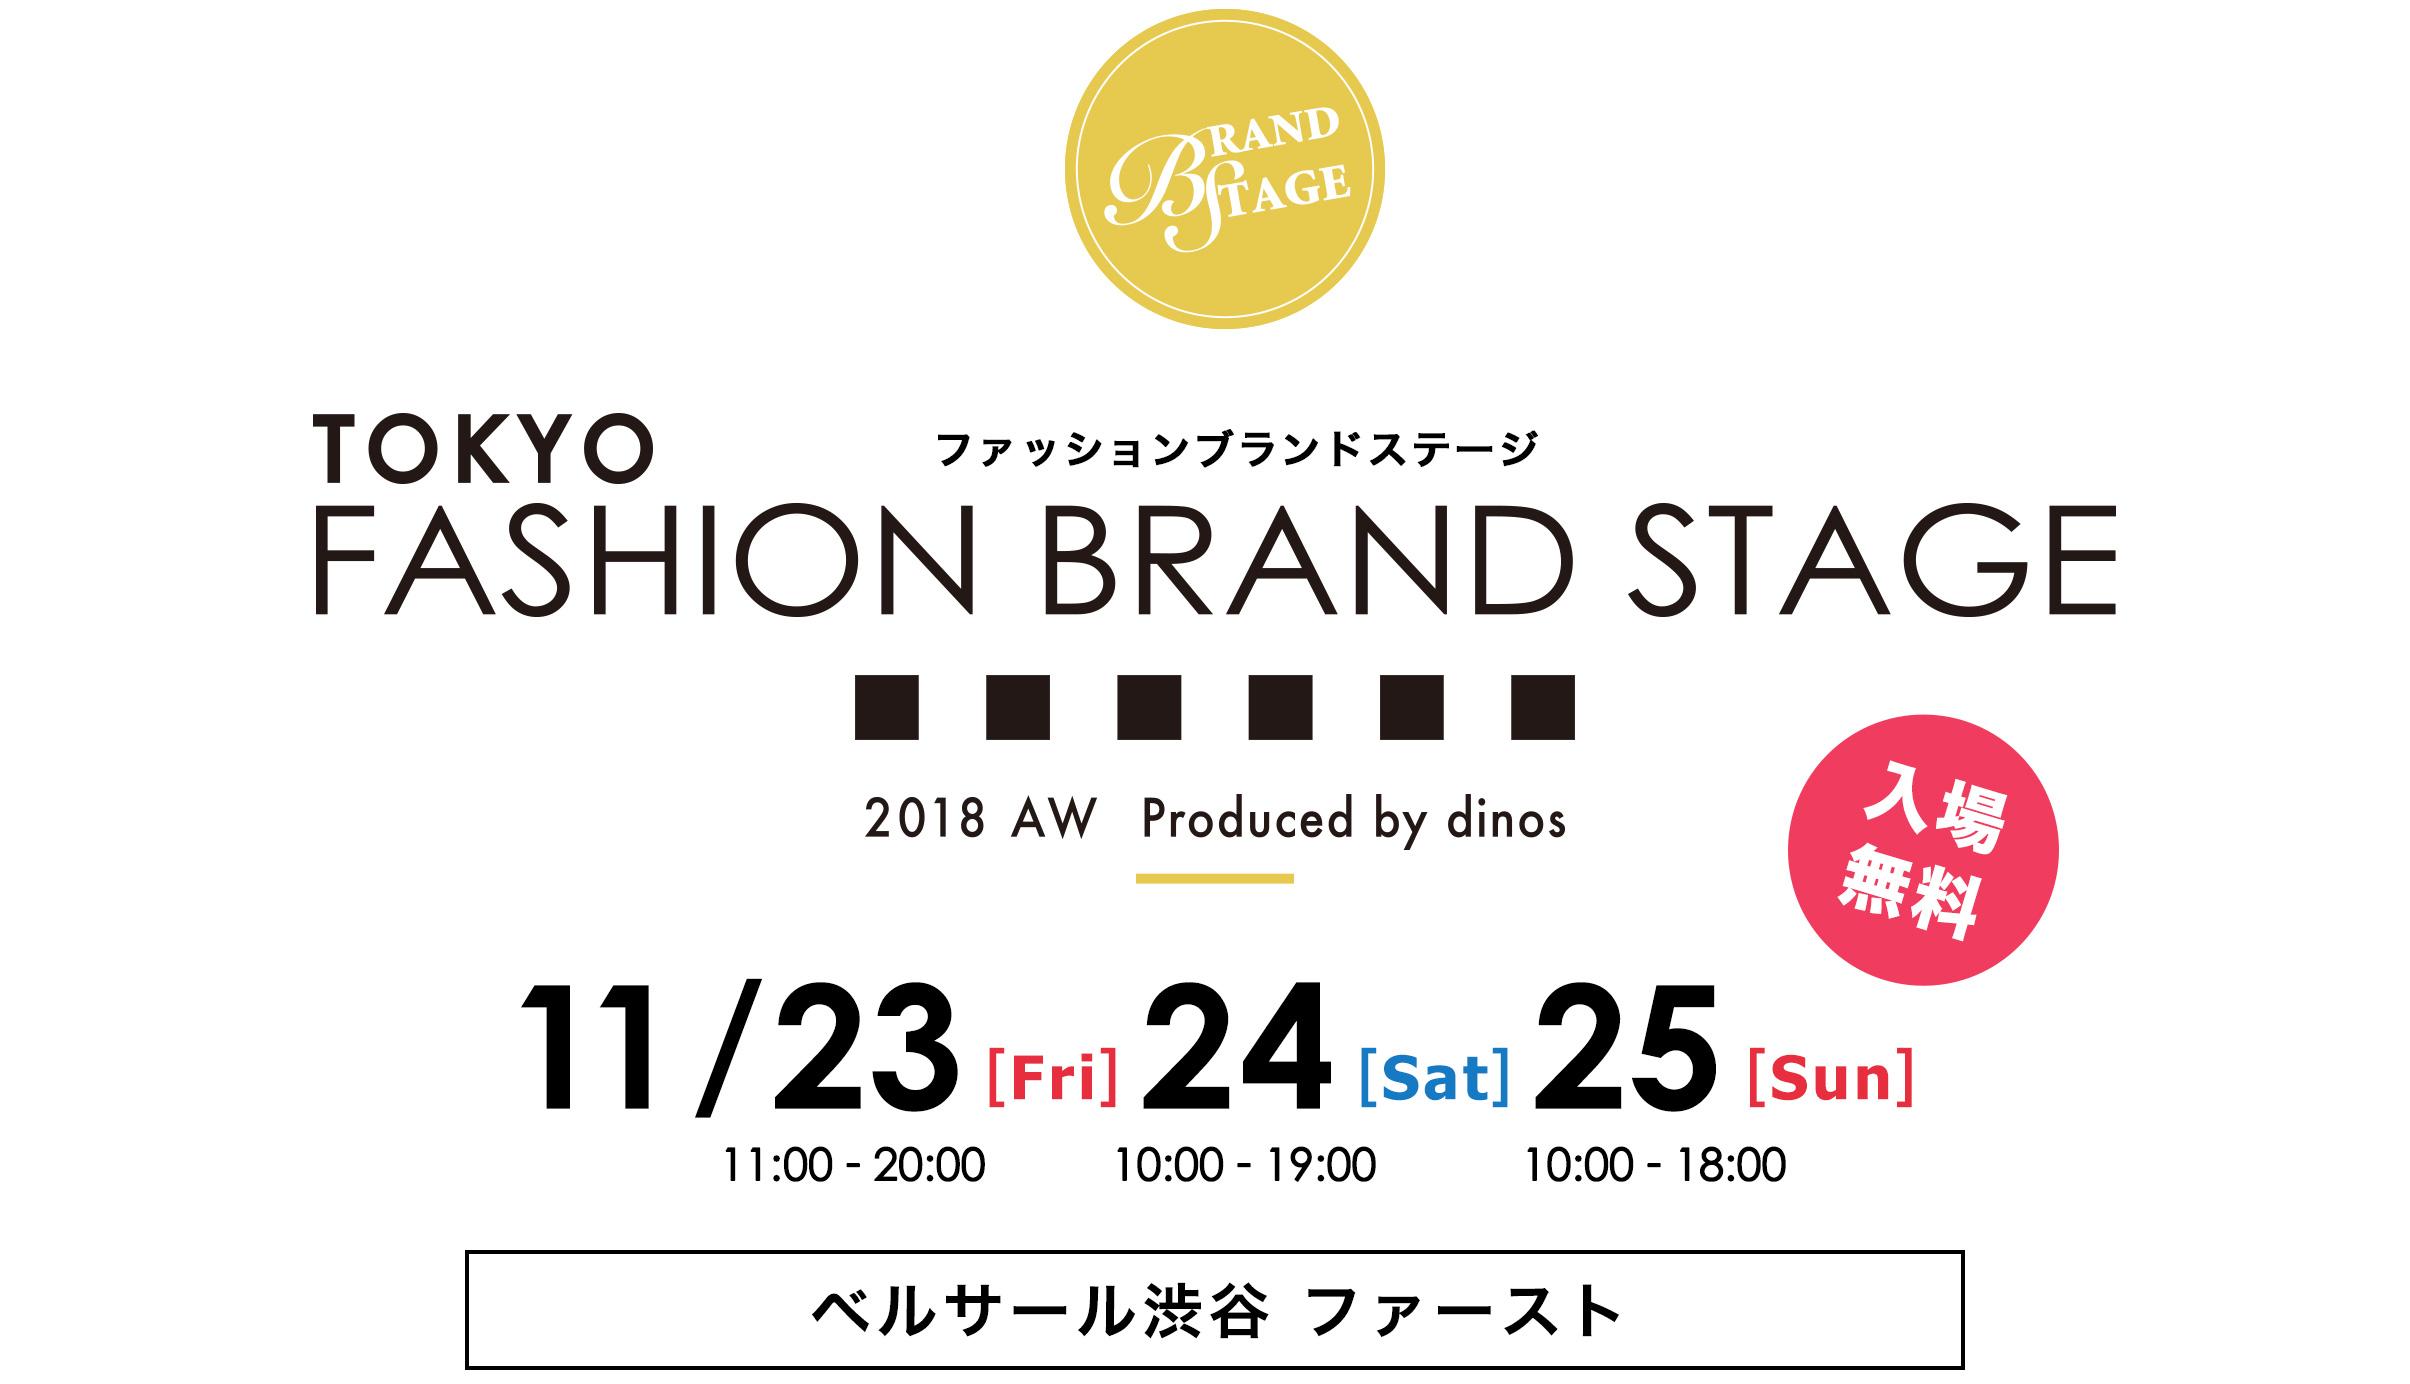 東京 ディノス主催 東京ファッションブランドステージアウトレット 2018AW開催